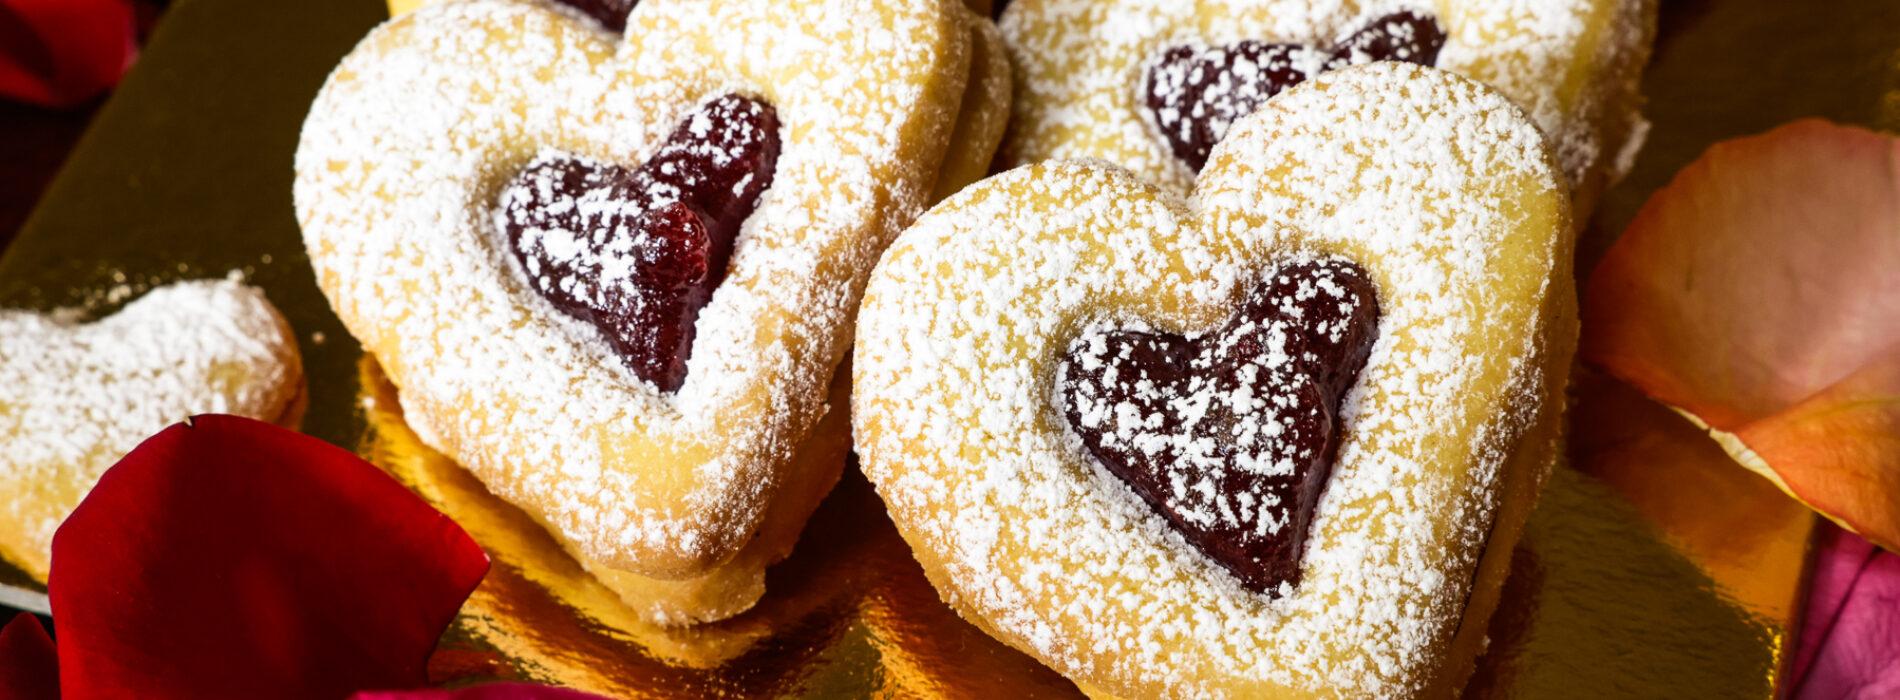 San Valentino 2021 a Milano tra dolci, cioccolatini e regali gourmet